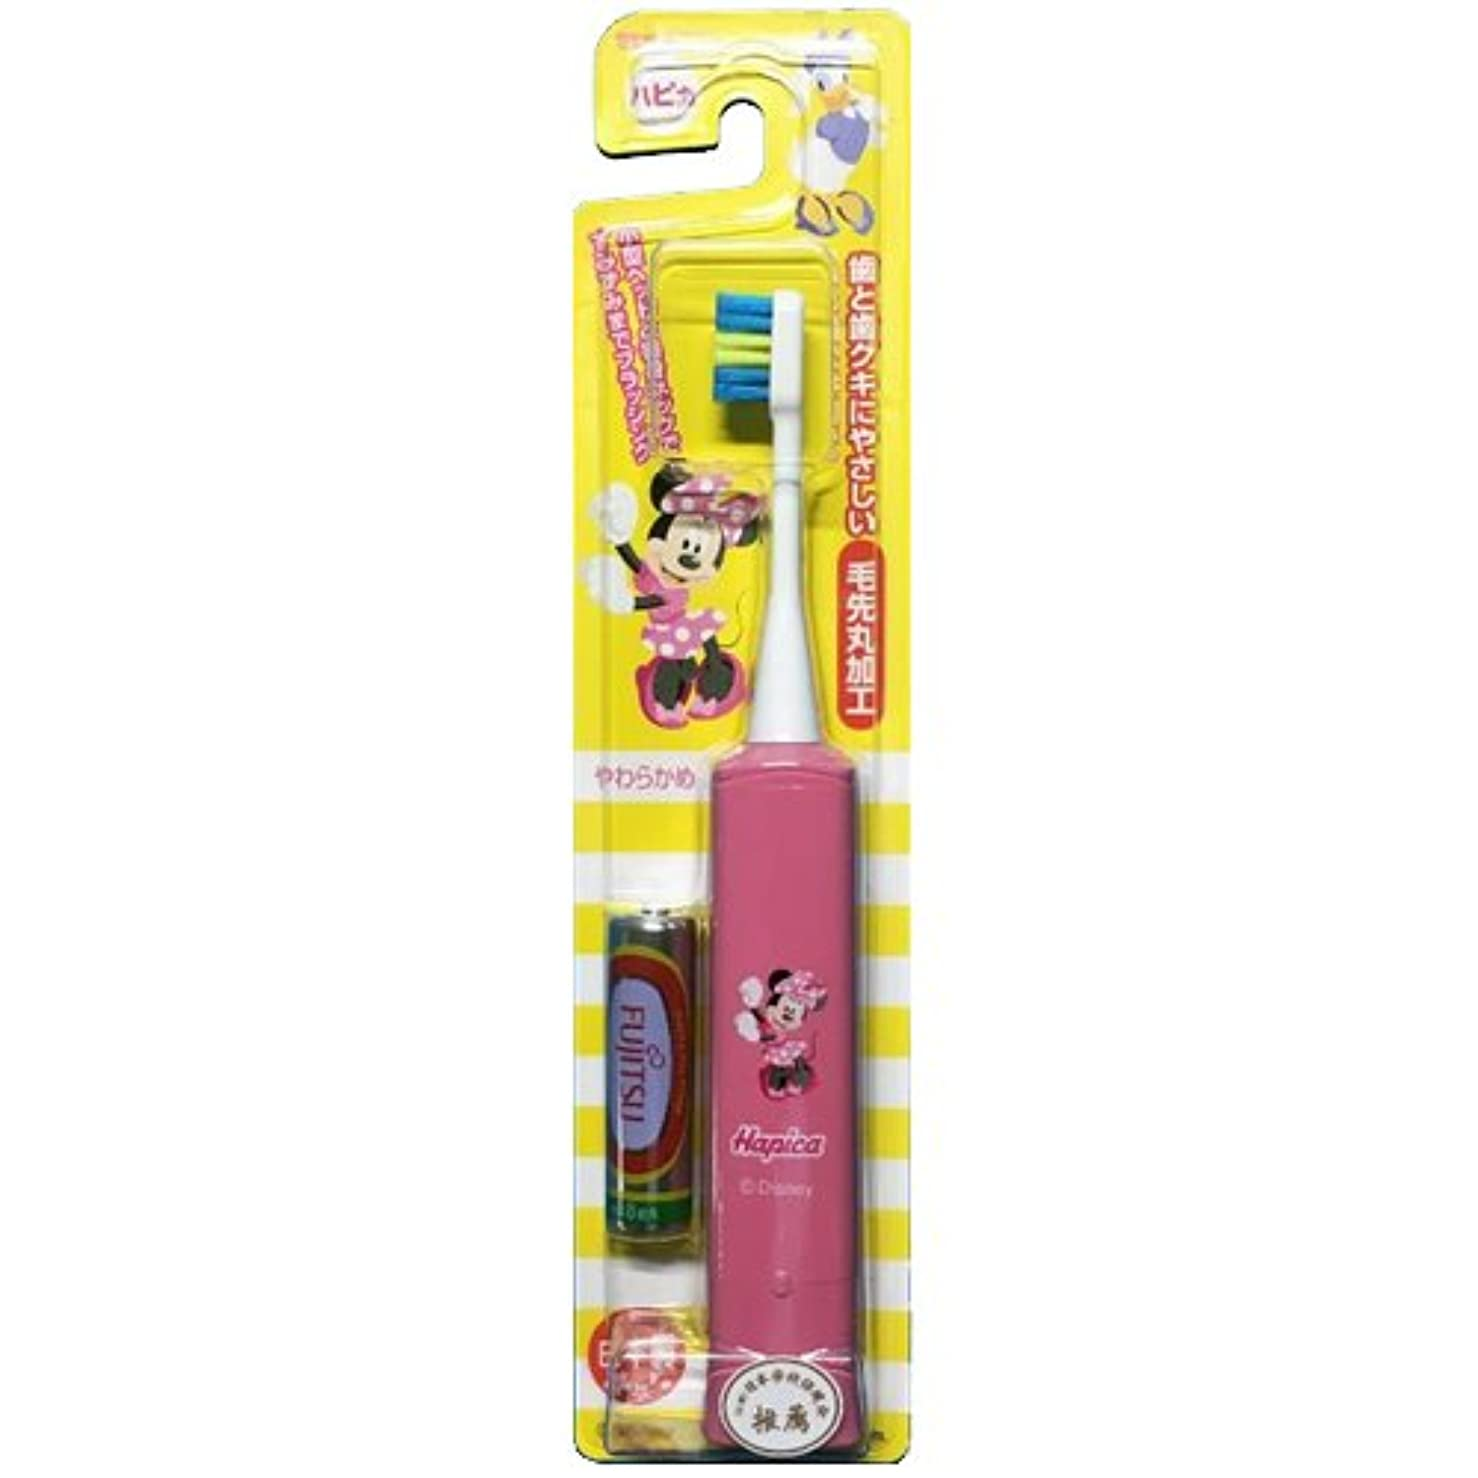 川パン屋信頼できるミニマム 電動付歯ブラシ こどもハピカ ミニー(ピンク) 毛の硬さ:やわらかめ DBK-5P(MK)